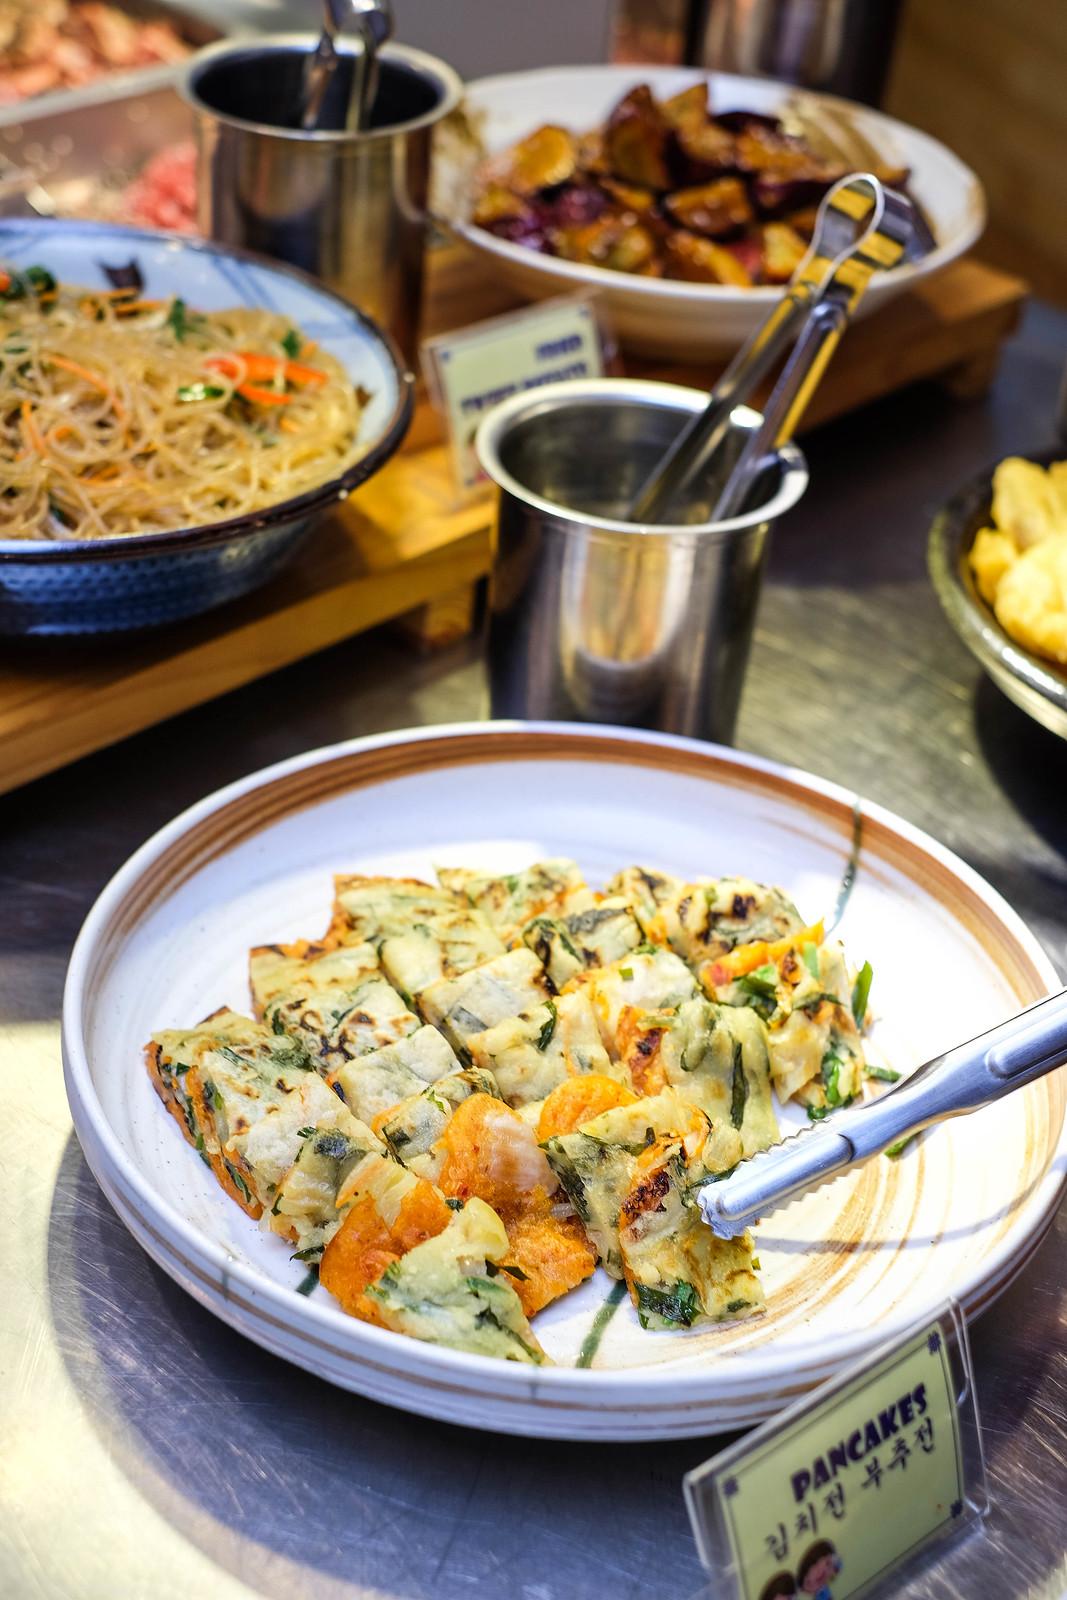 大阪神韩国烧烤自助餐